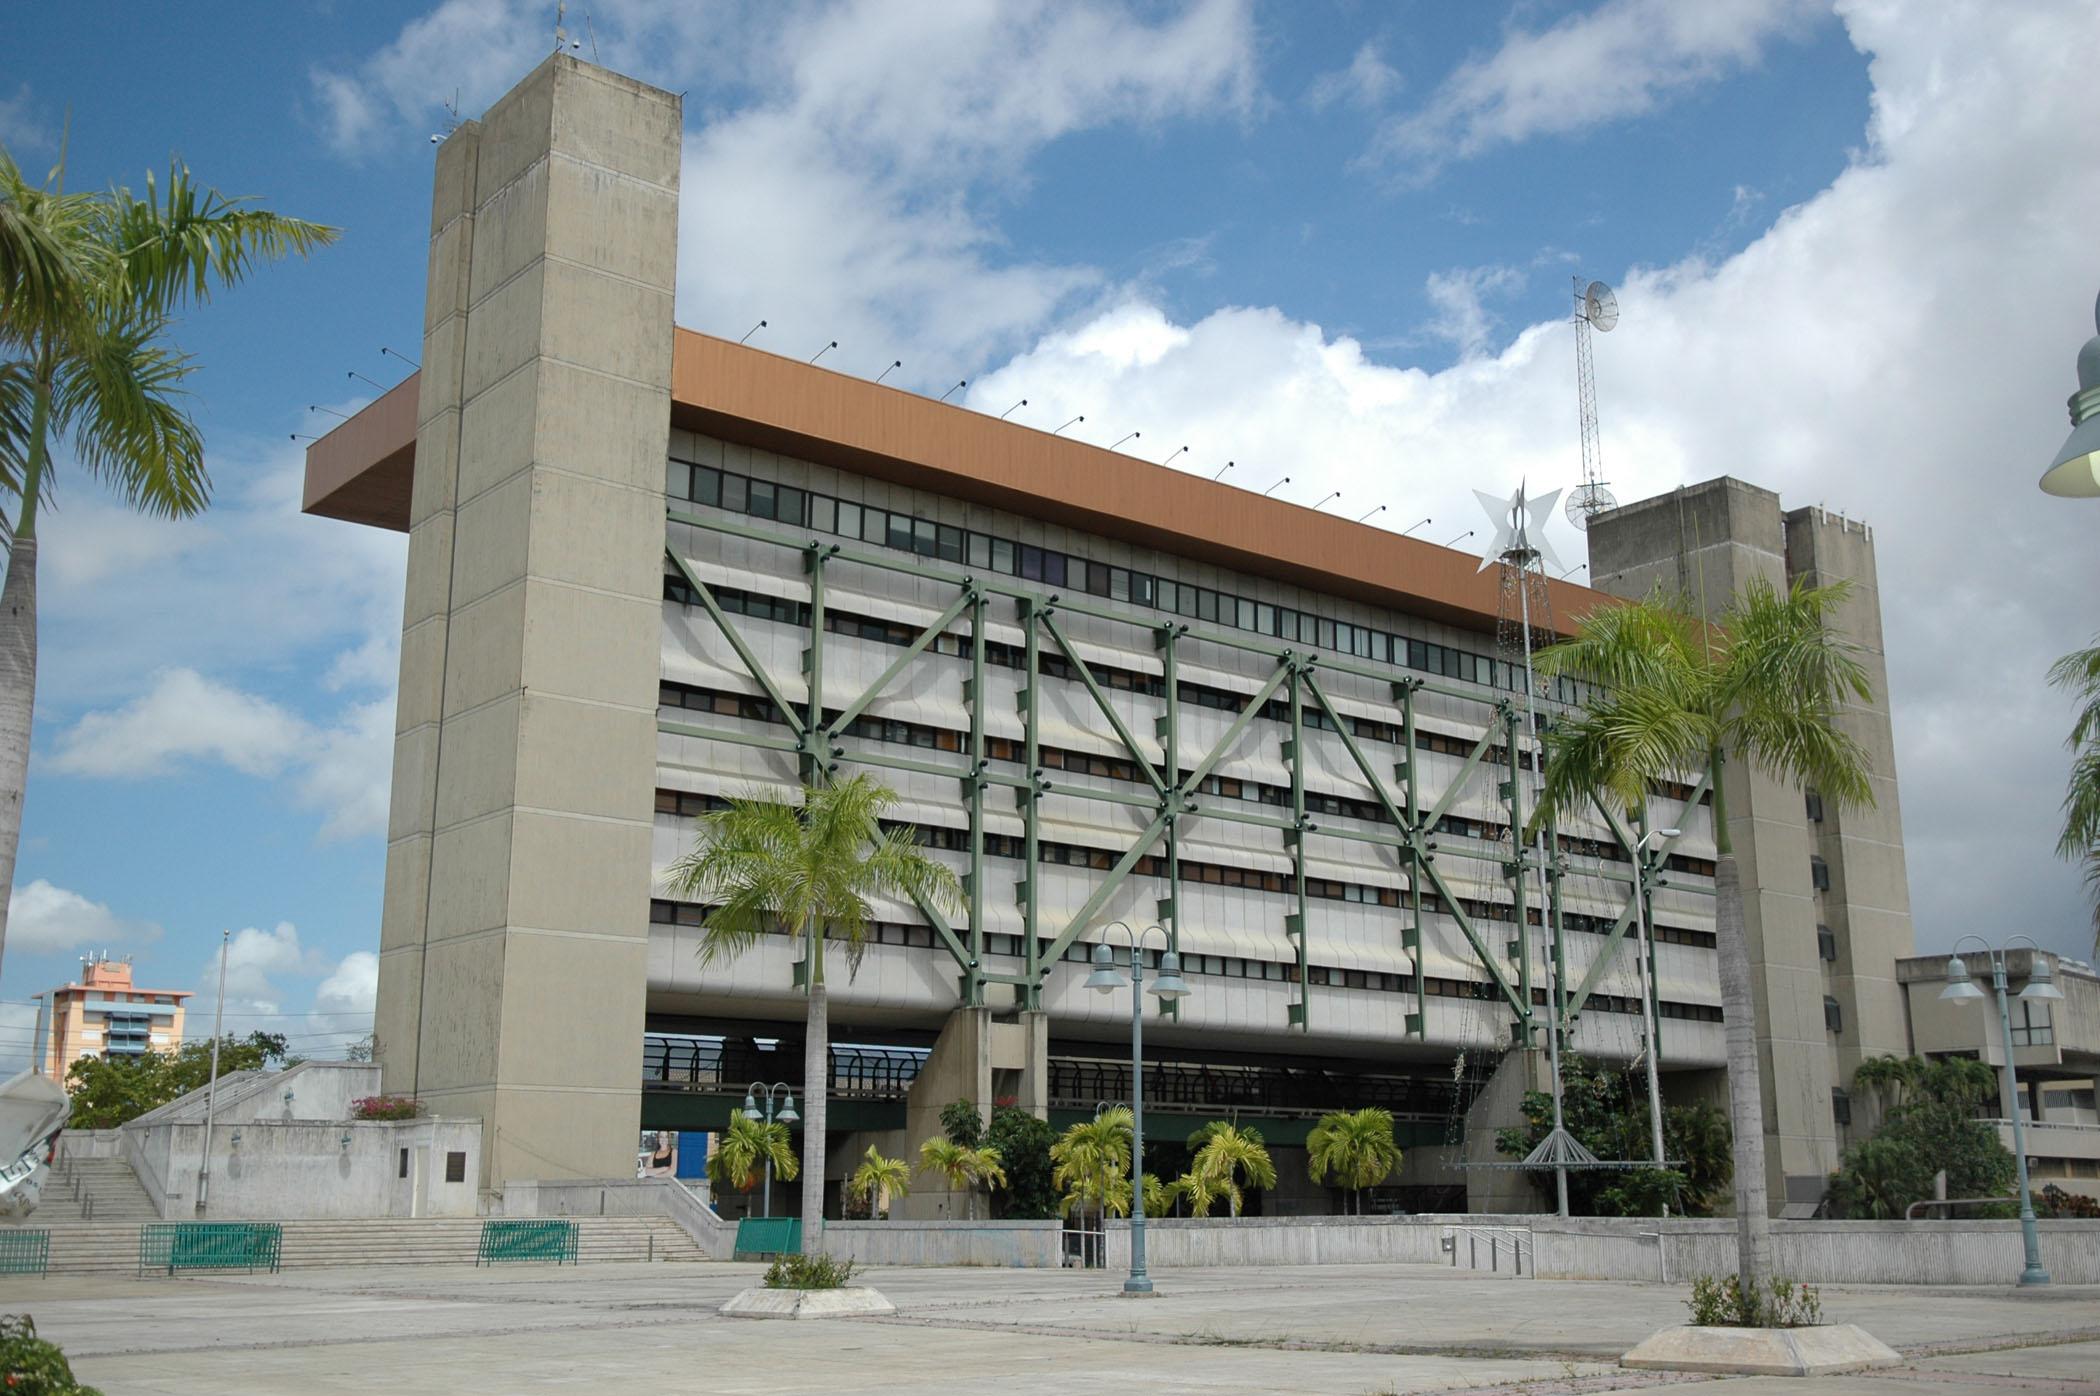 casa alcaldia1 - Fallece el Arquitecto Thomas Marvel